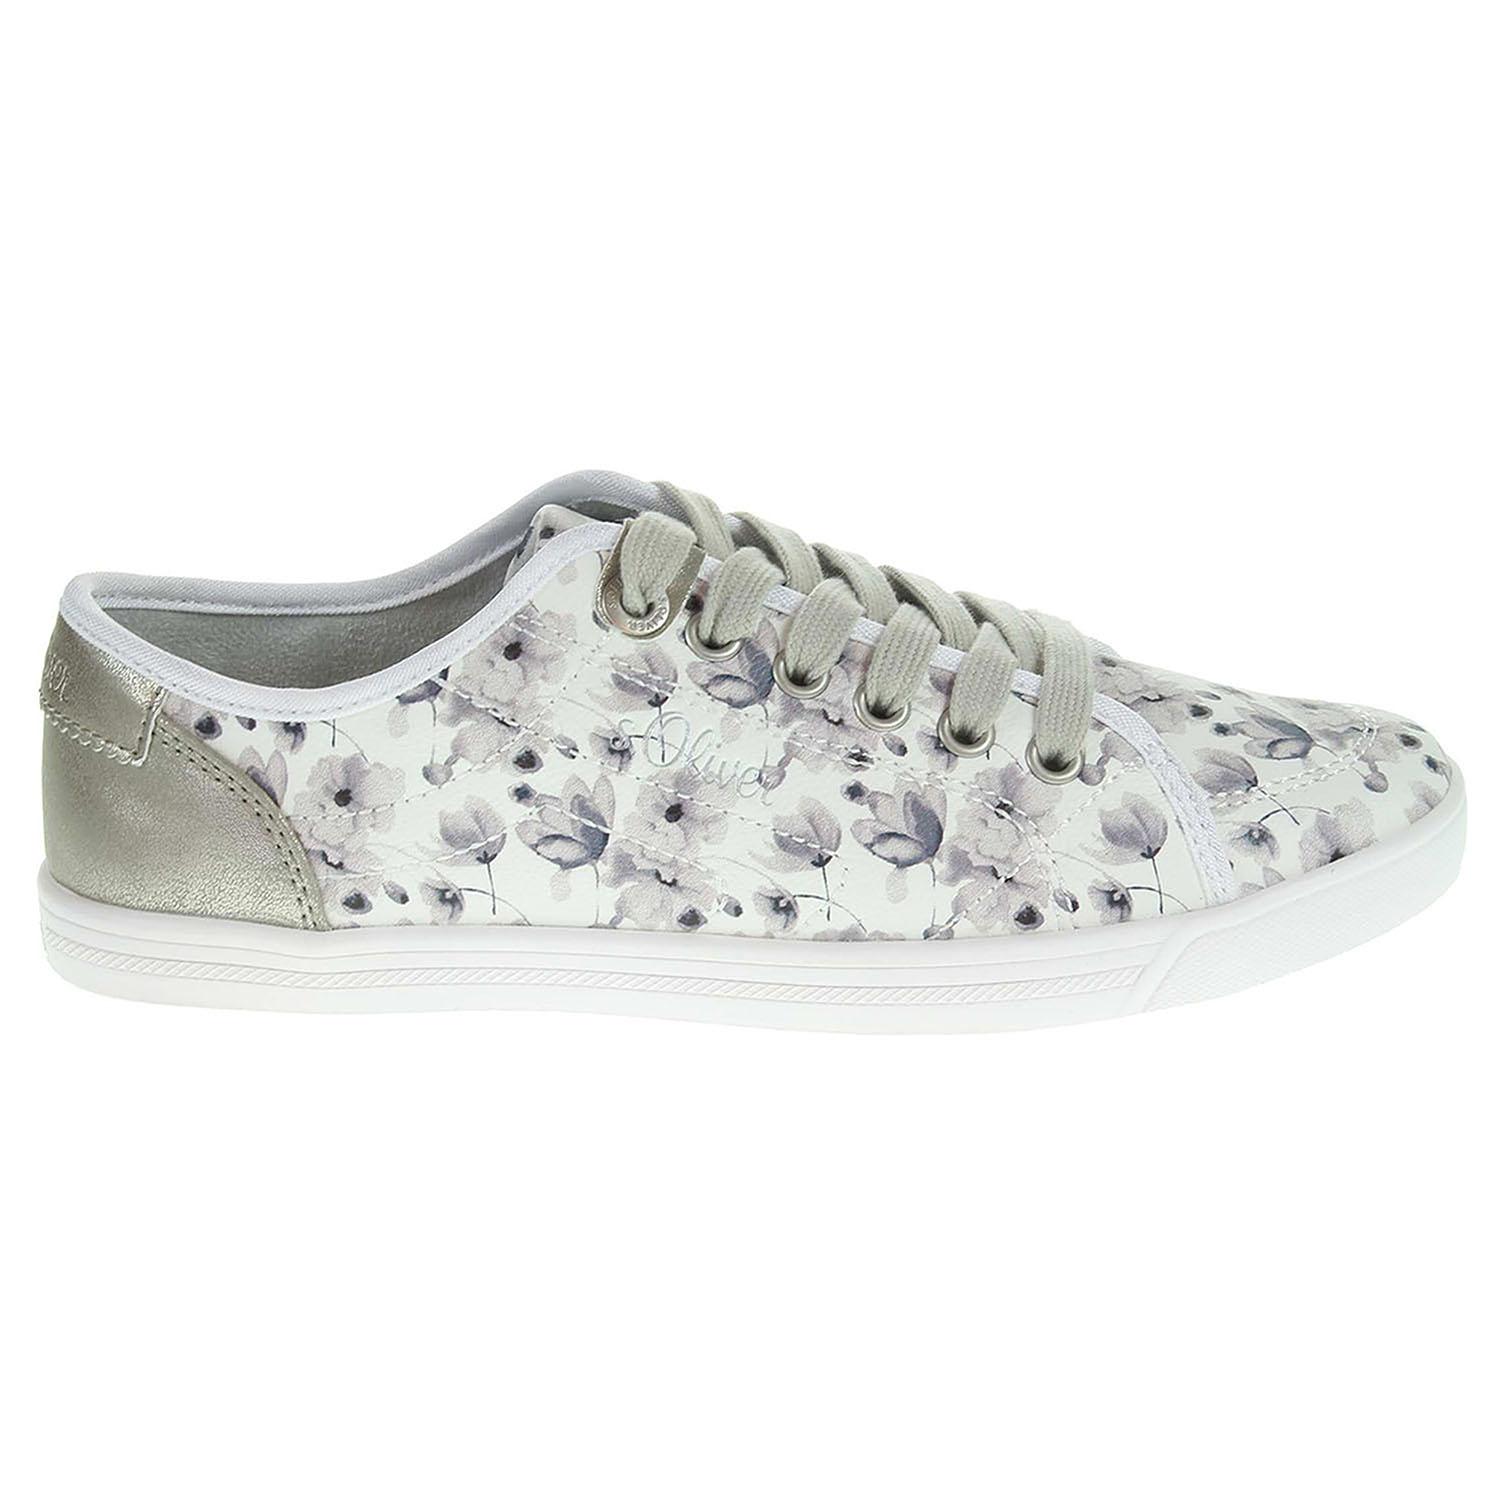 s.Oliver dámská obuv 5-23631-26 šedá-bílá 40